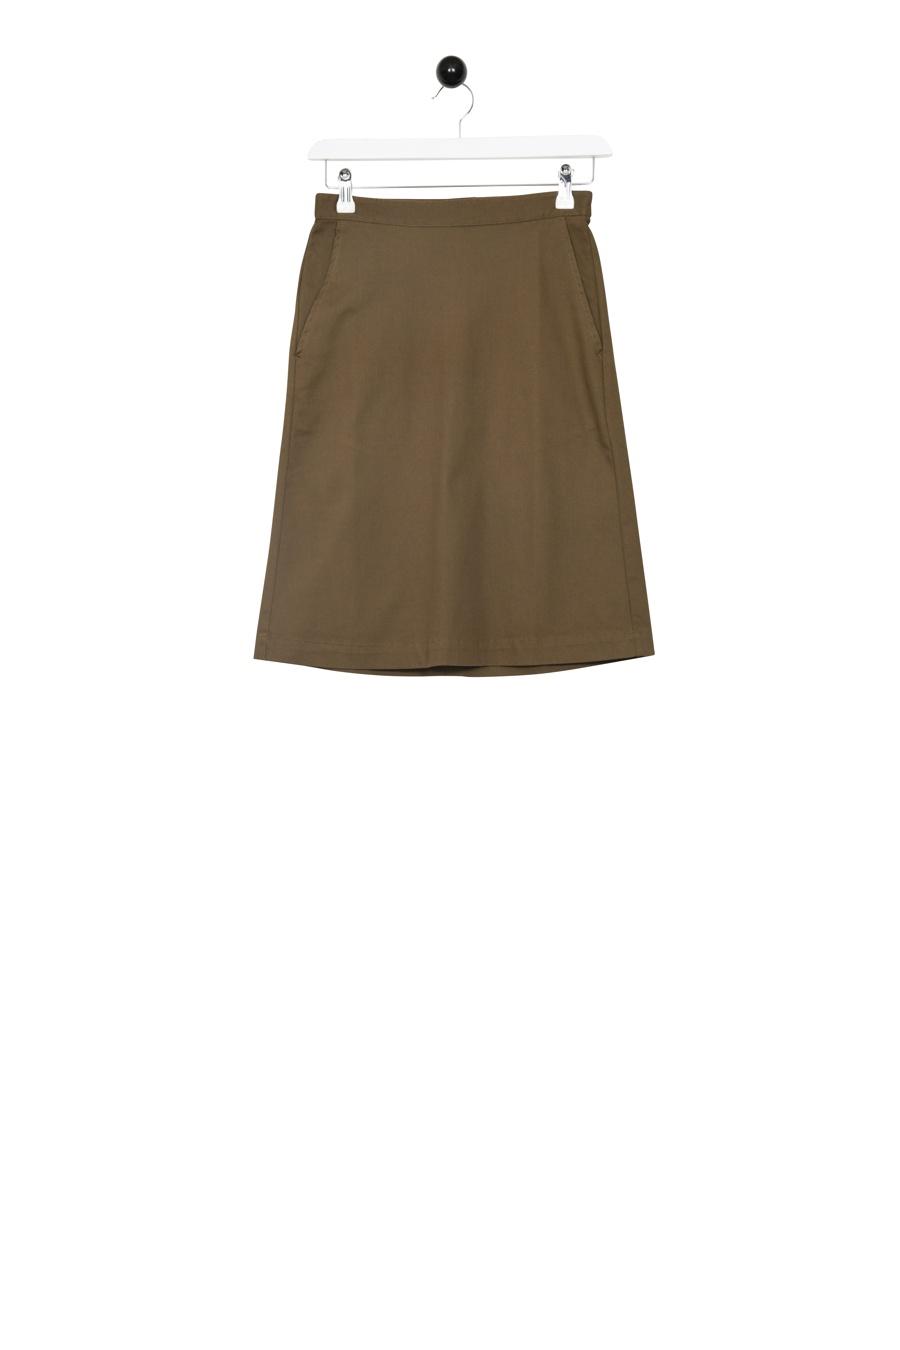 Return Nest Point Skirt